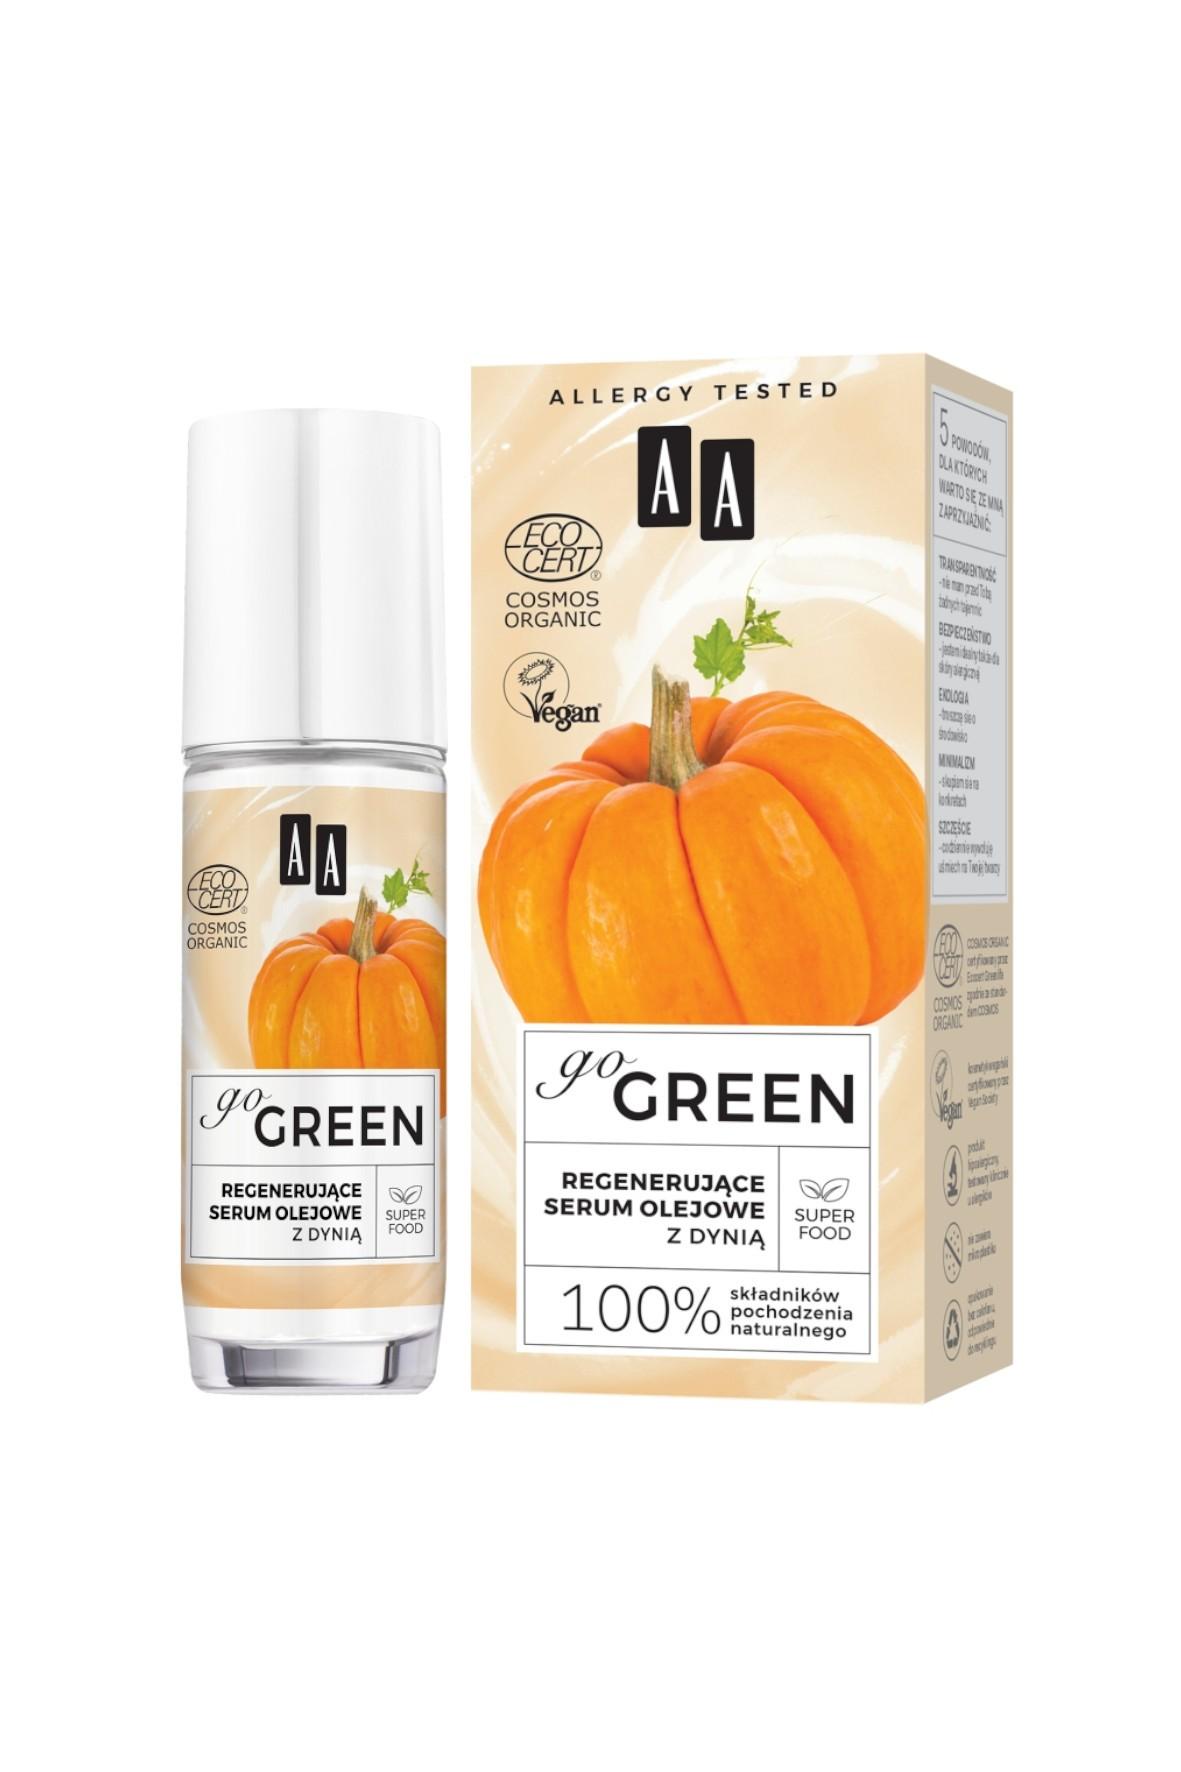 AA Go Green regenerujące serum olejowe z dynią ORGANIC 30 ml